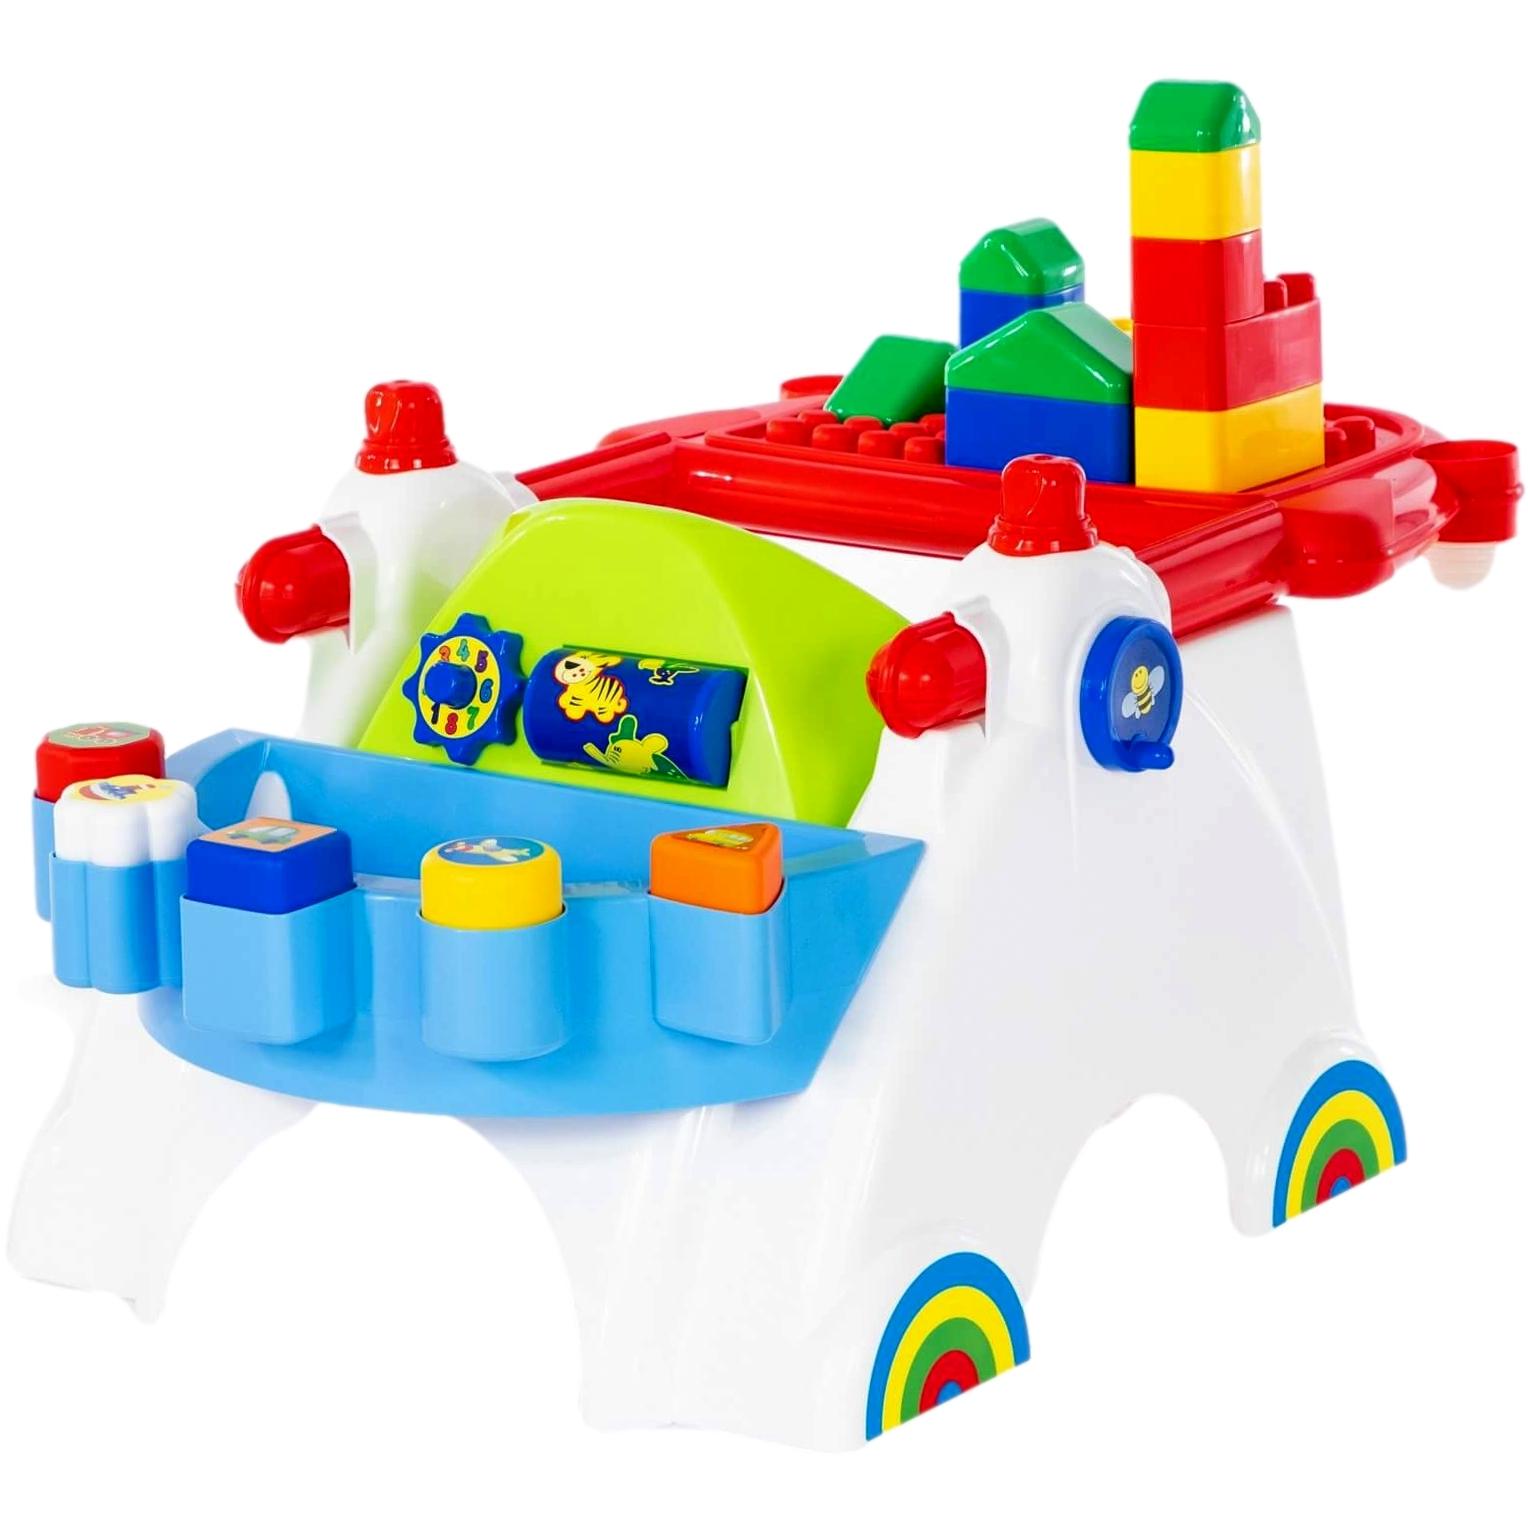 Игровой центр беби + набор (17 элементов) (в пакете), арт. 54555